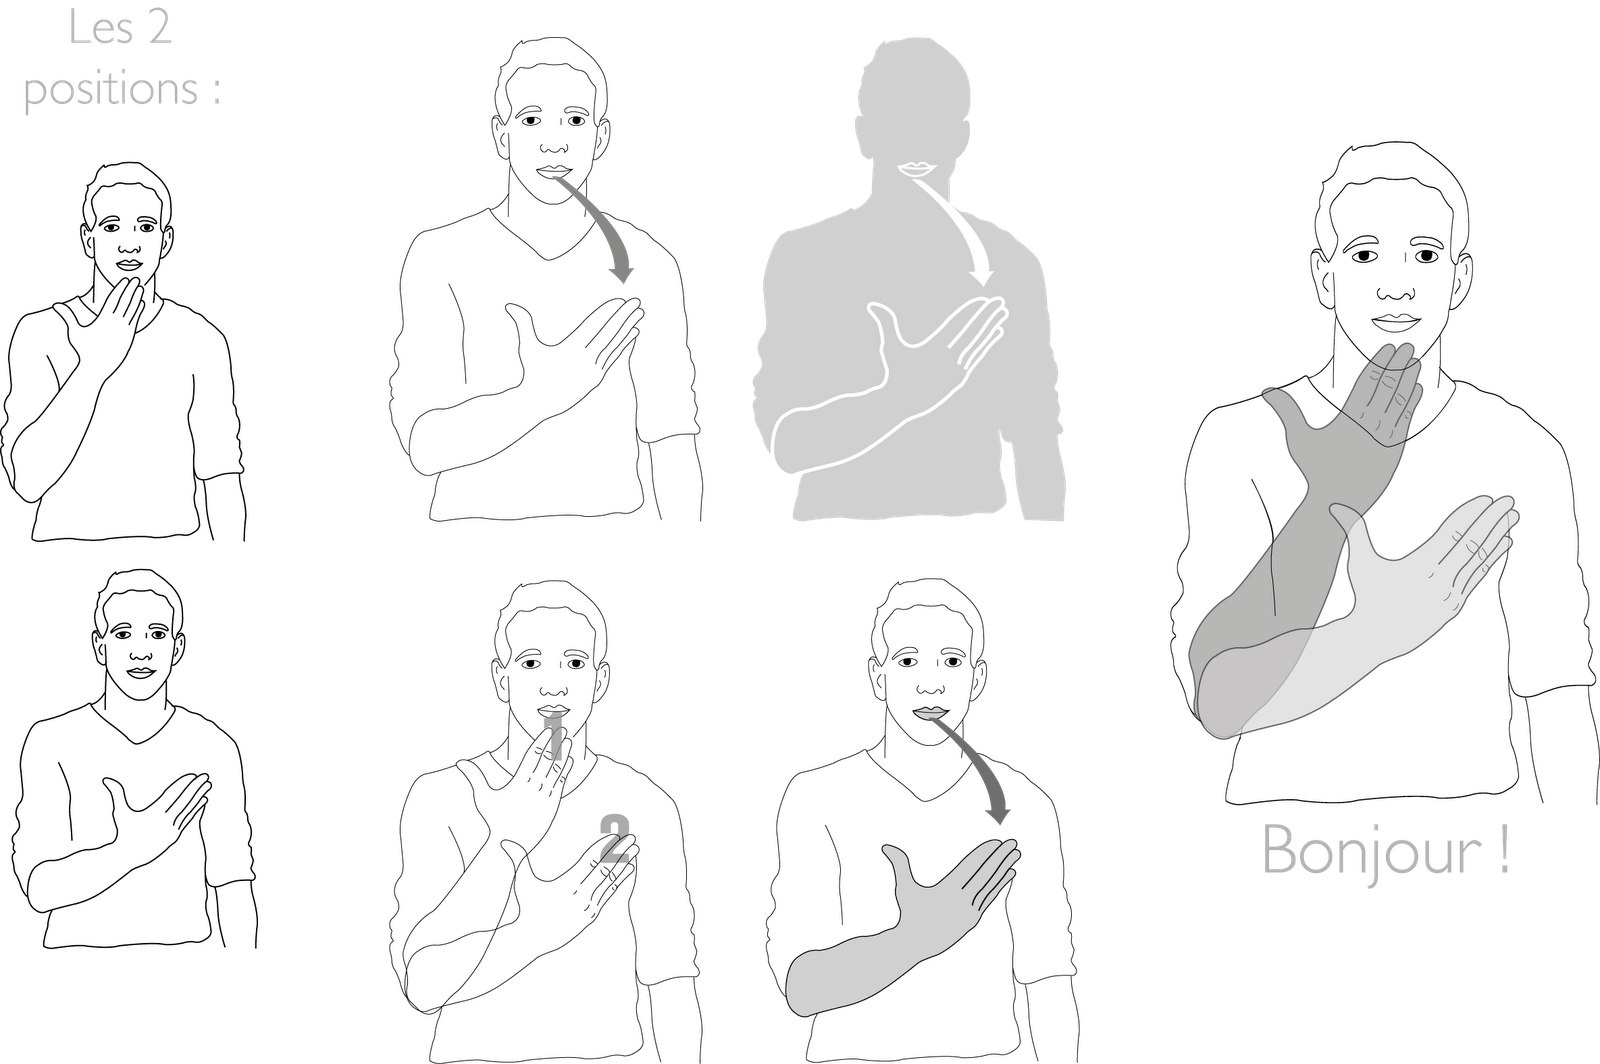 Bien connu Étude : comment représenter la gestuelle de la langue des signes  UO57